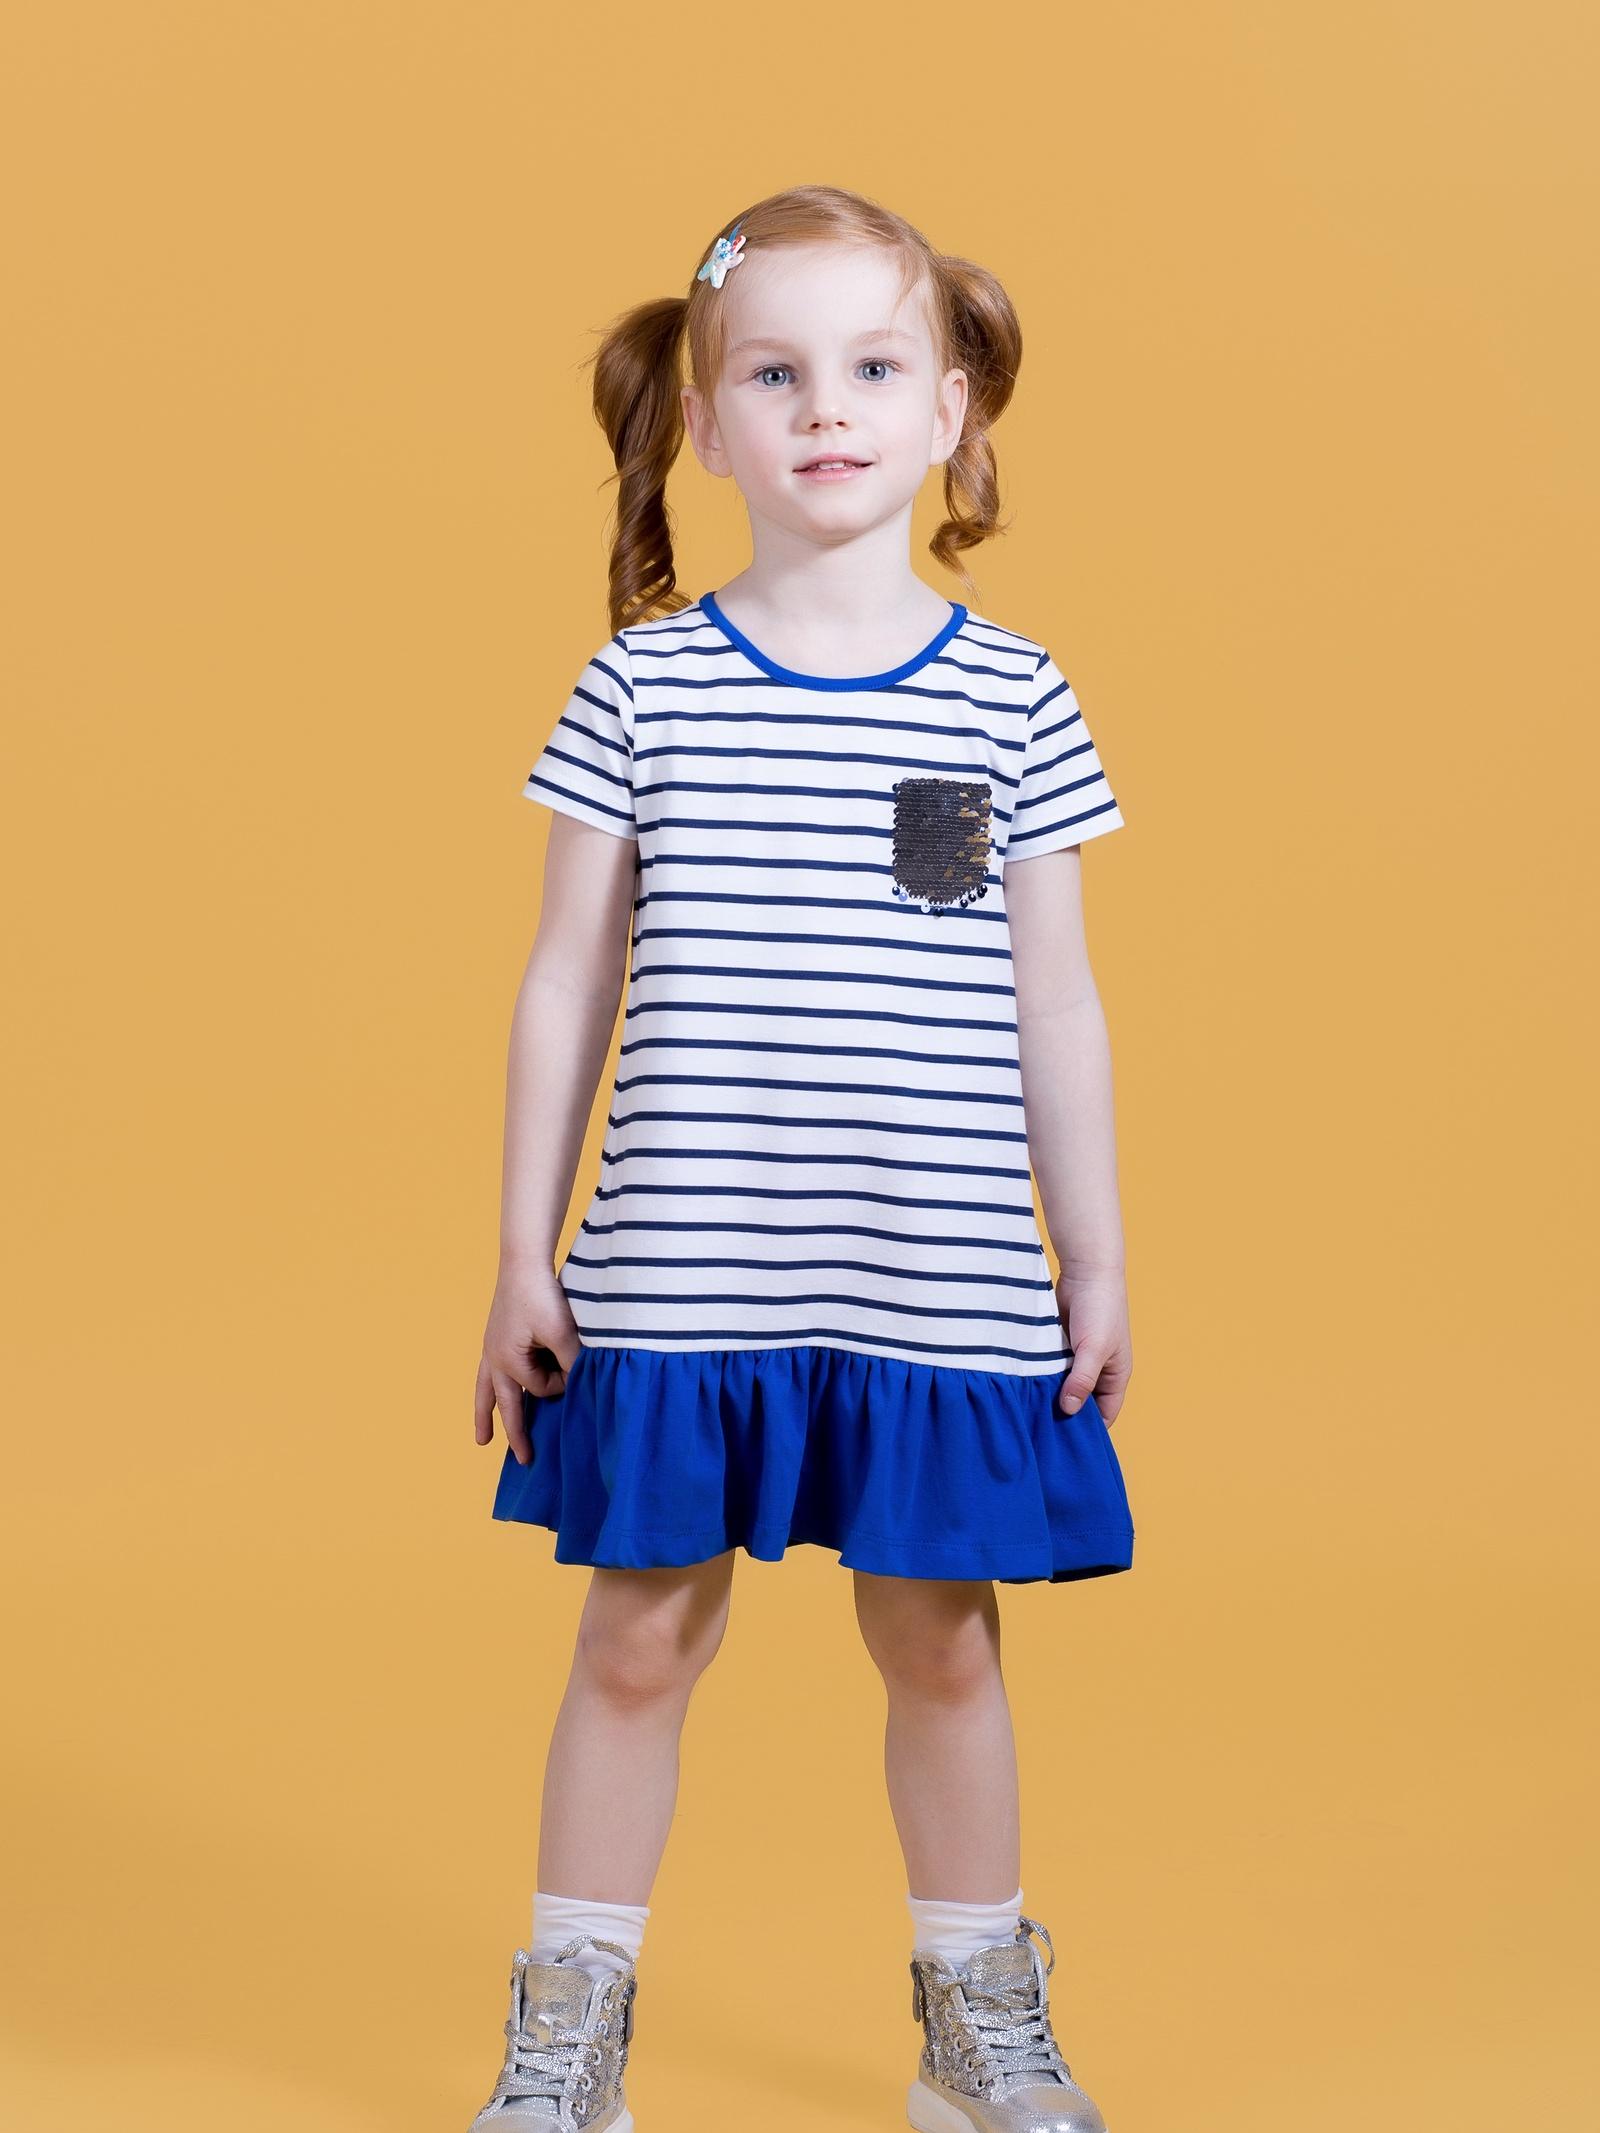 Платье M-Bimbo m bimbo m bimbo платье для девочки красное